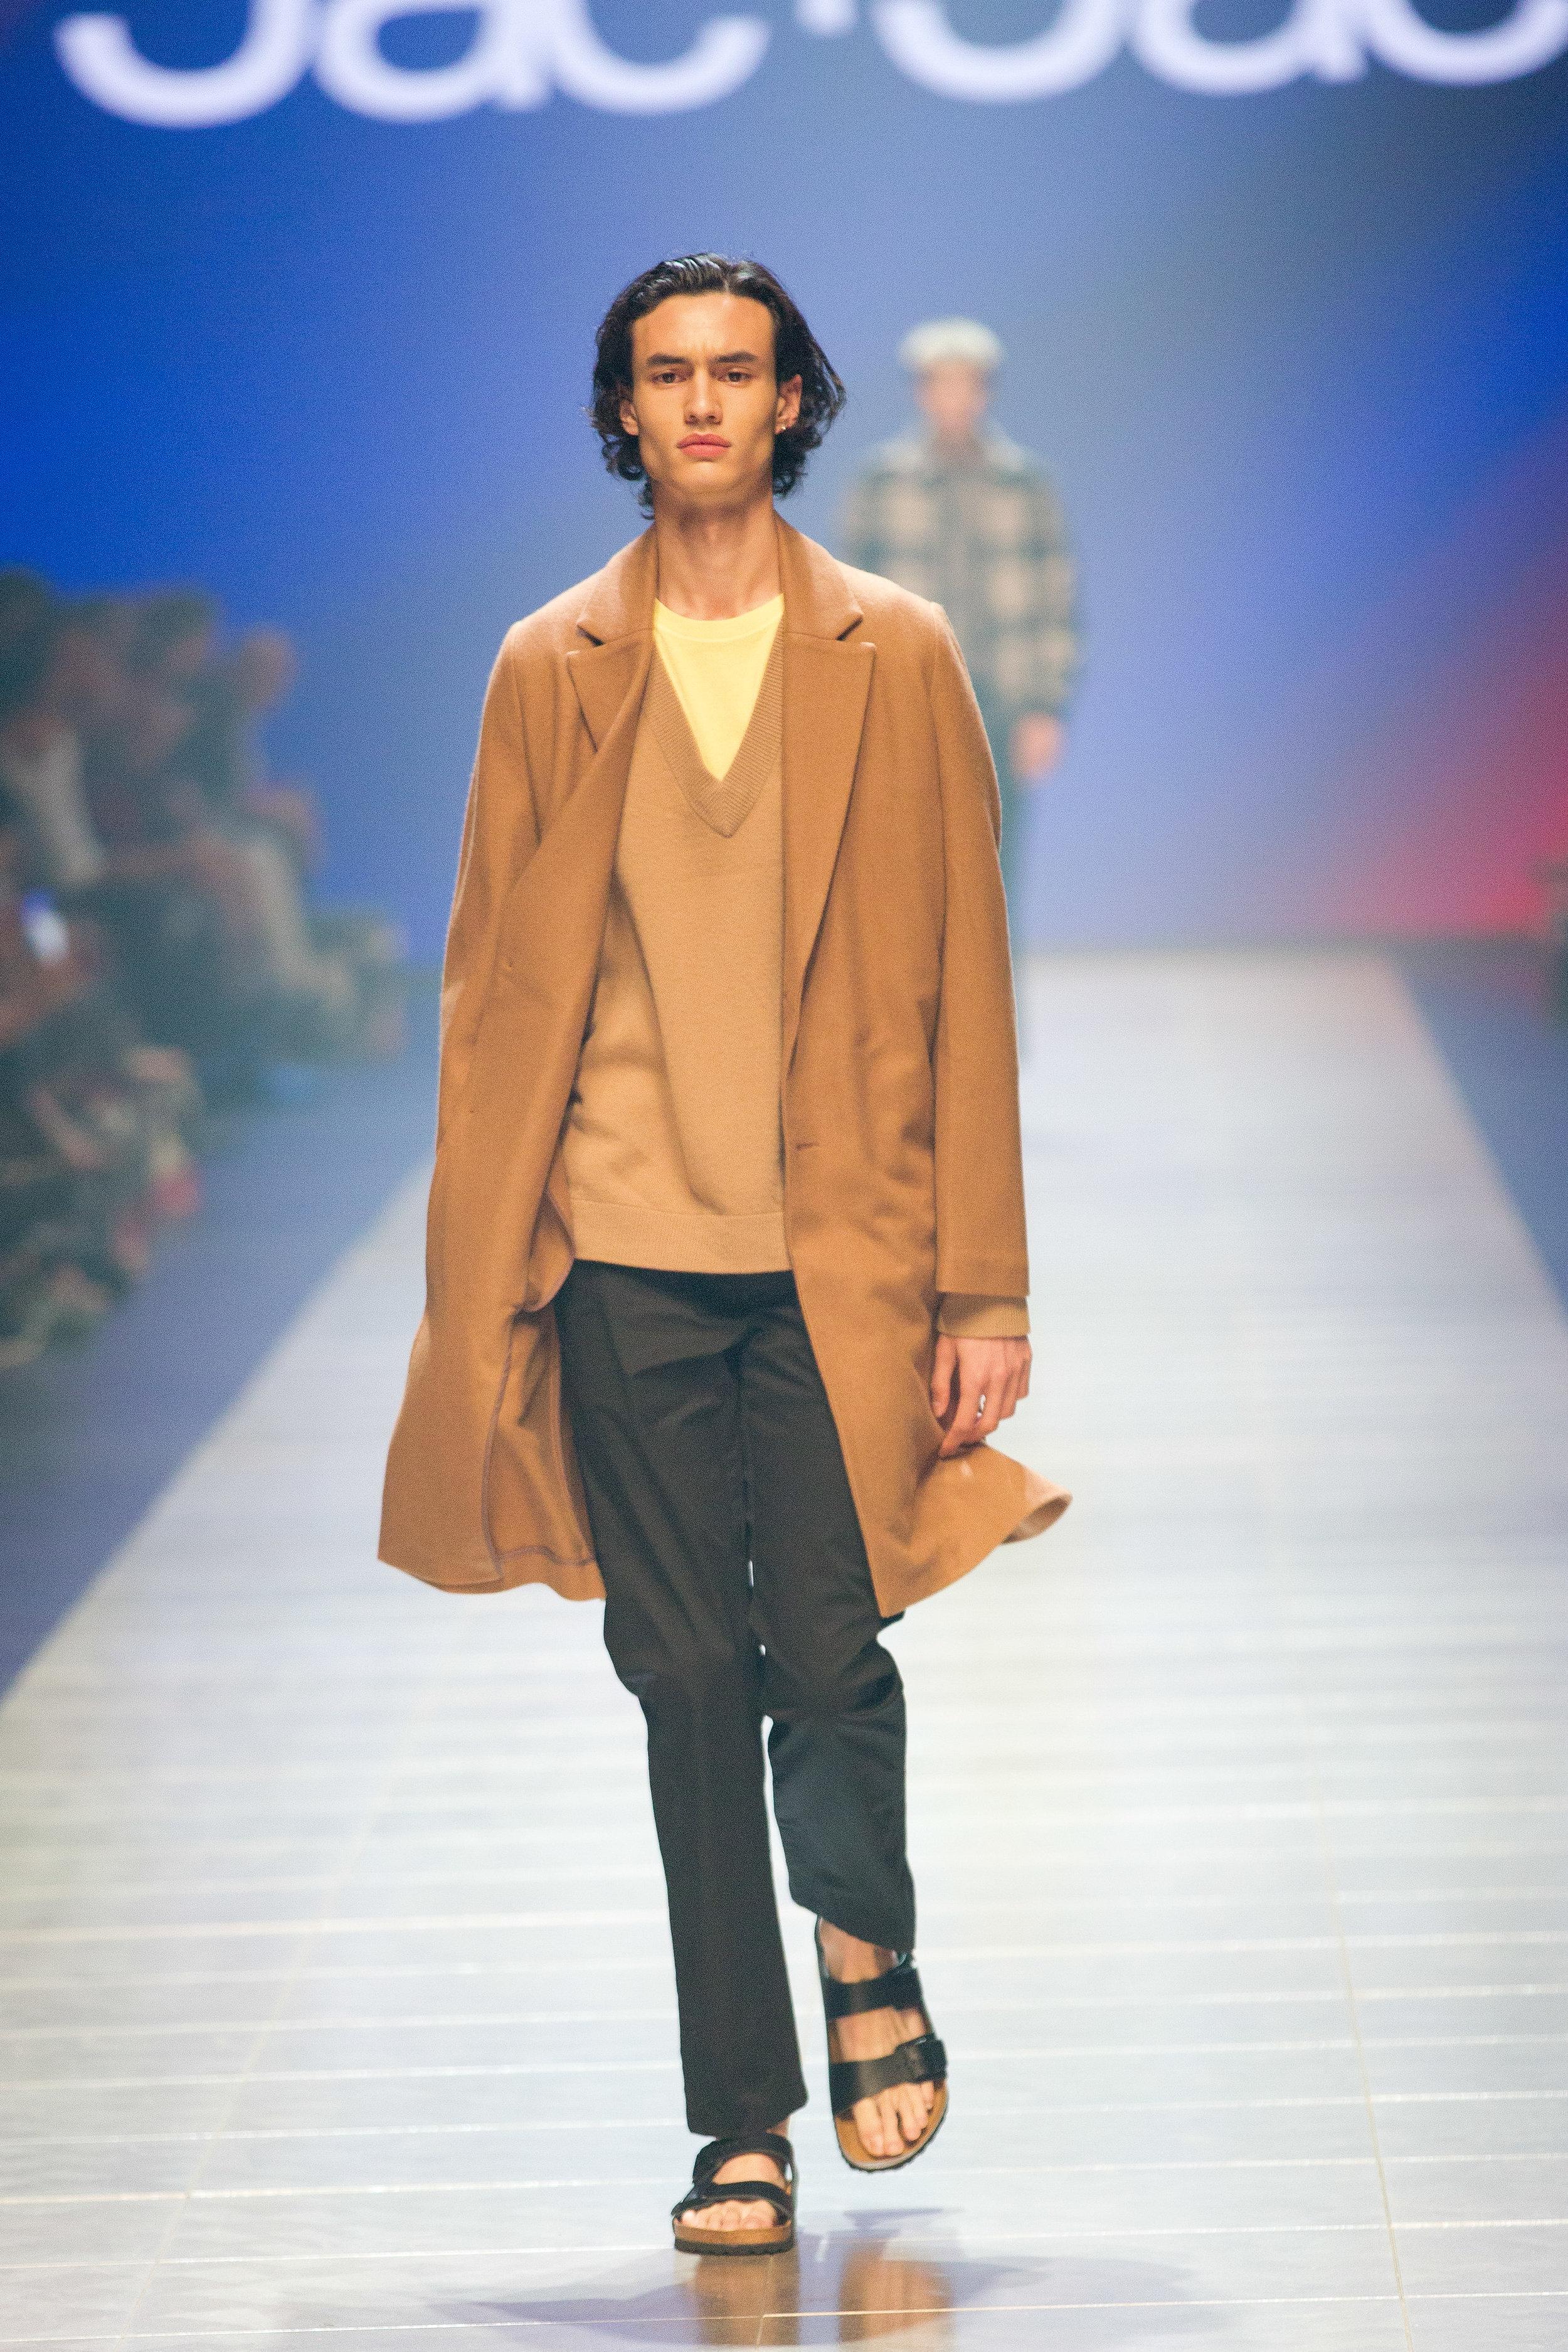 VAMFF2019_GQ Menswear-106.jpg